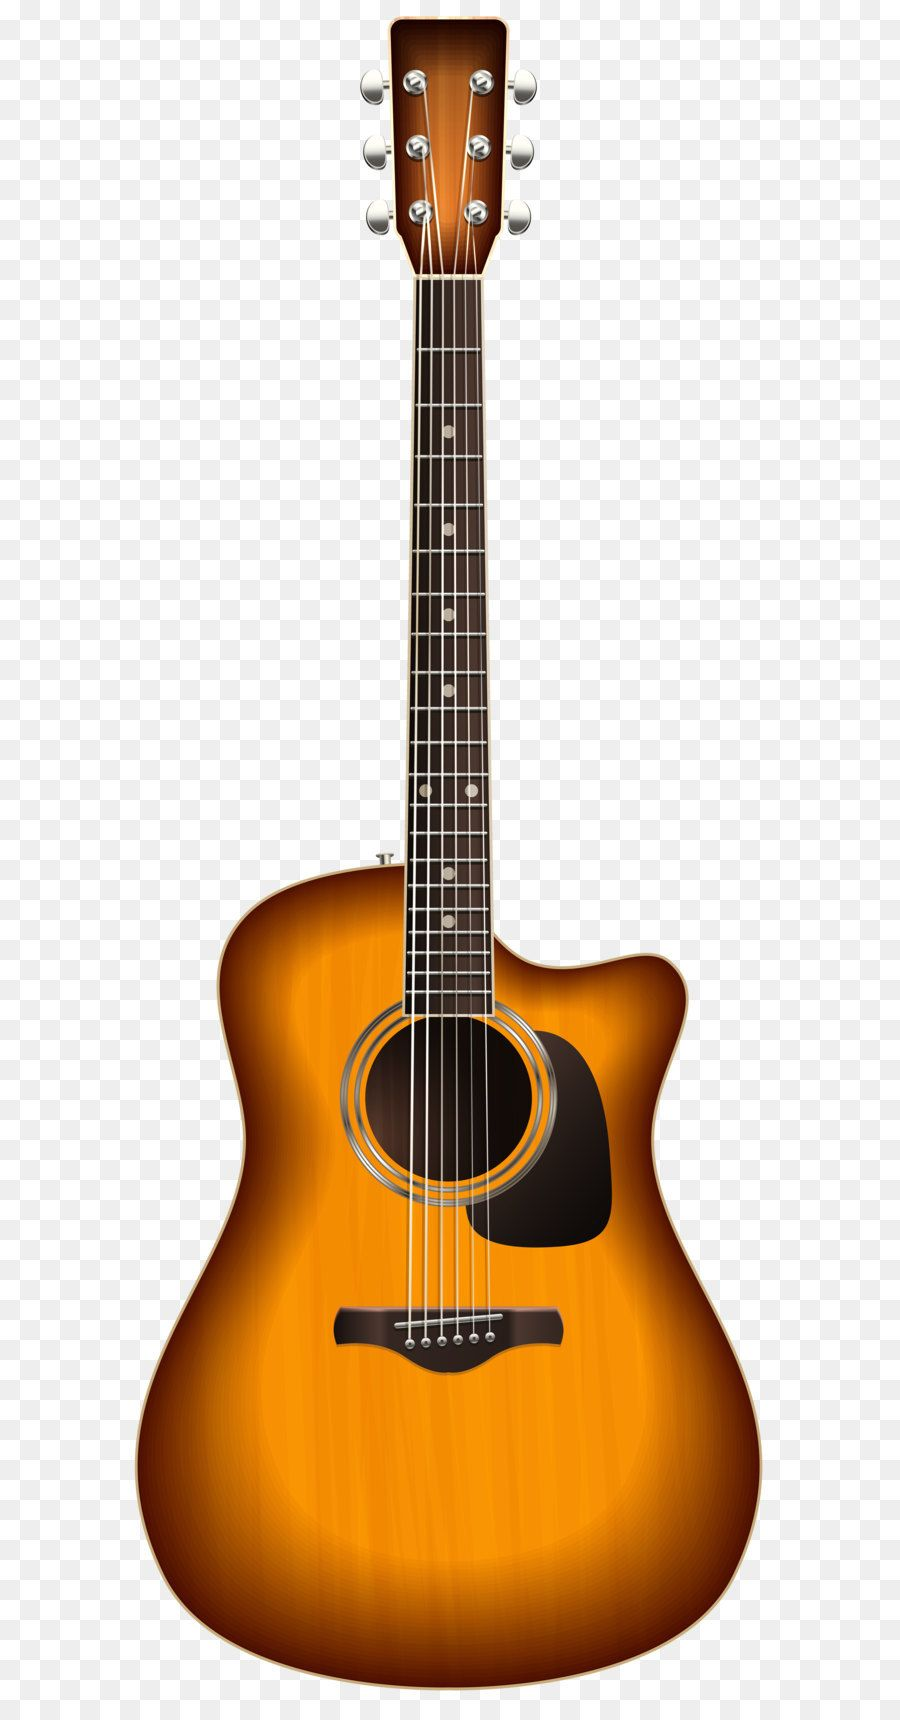 Acoustic guitar Electric guitar Clip art Guitar PNG